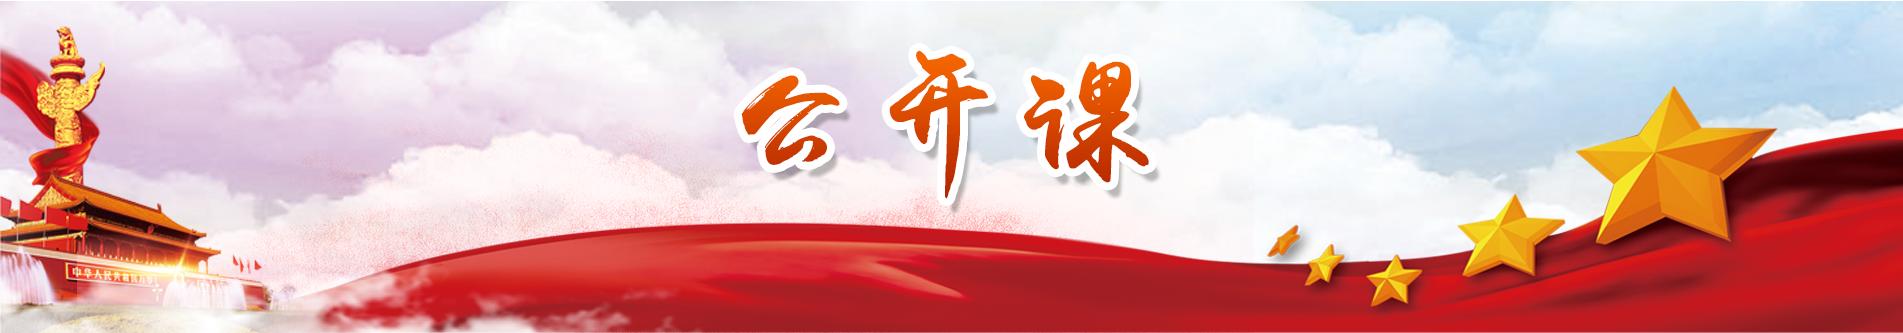 湖北省哲学hot88科学系列视频公开课